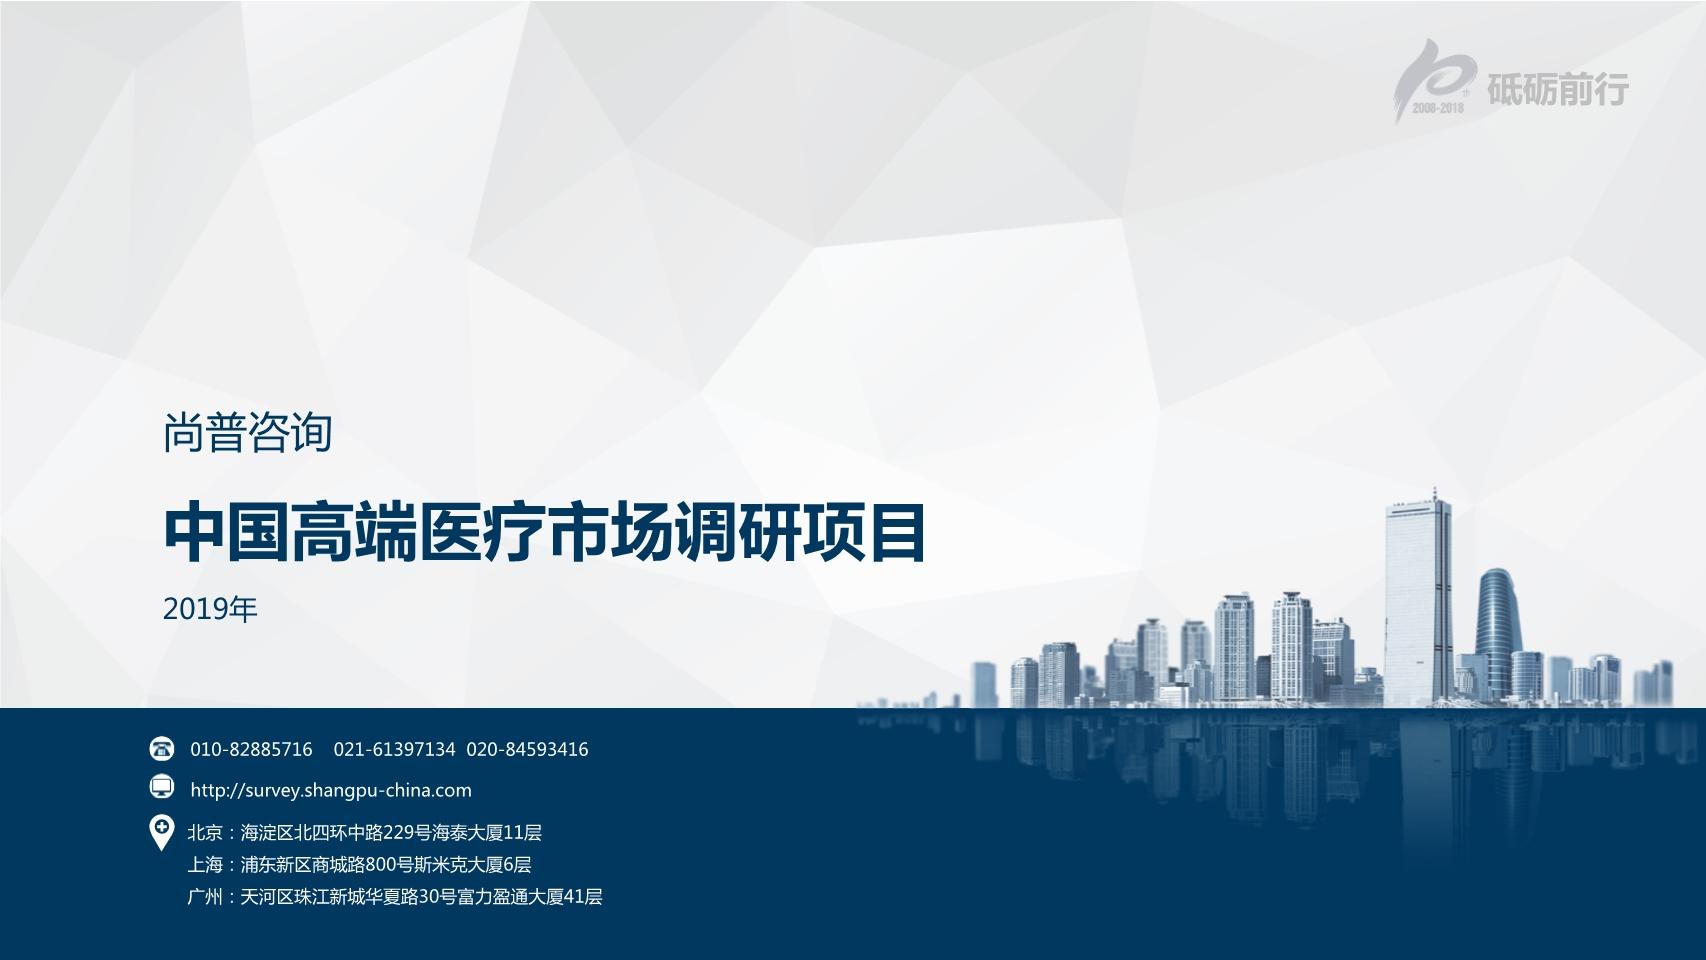 中国高端医疗市场调研